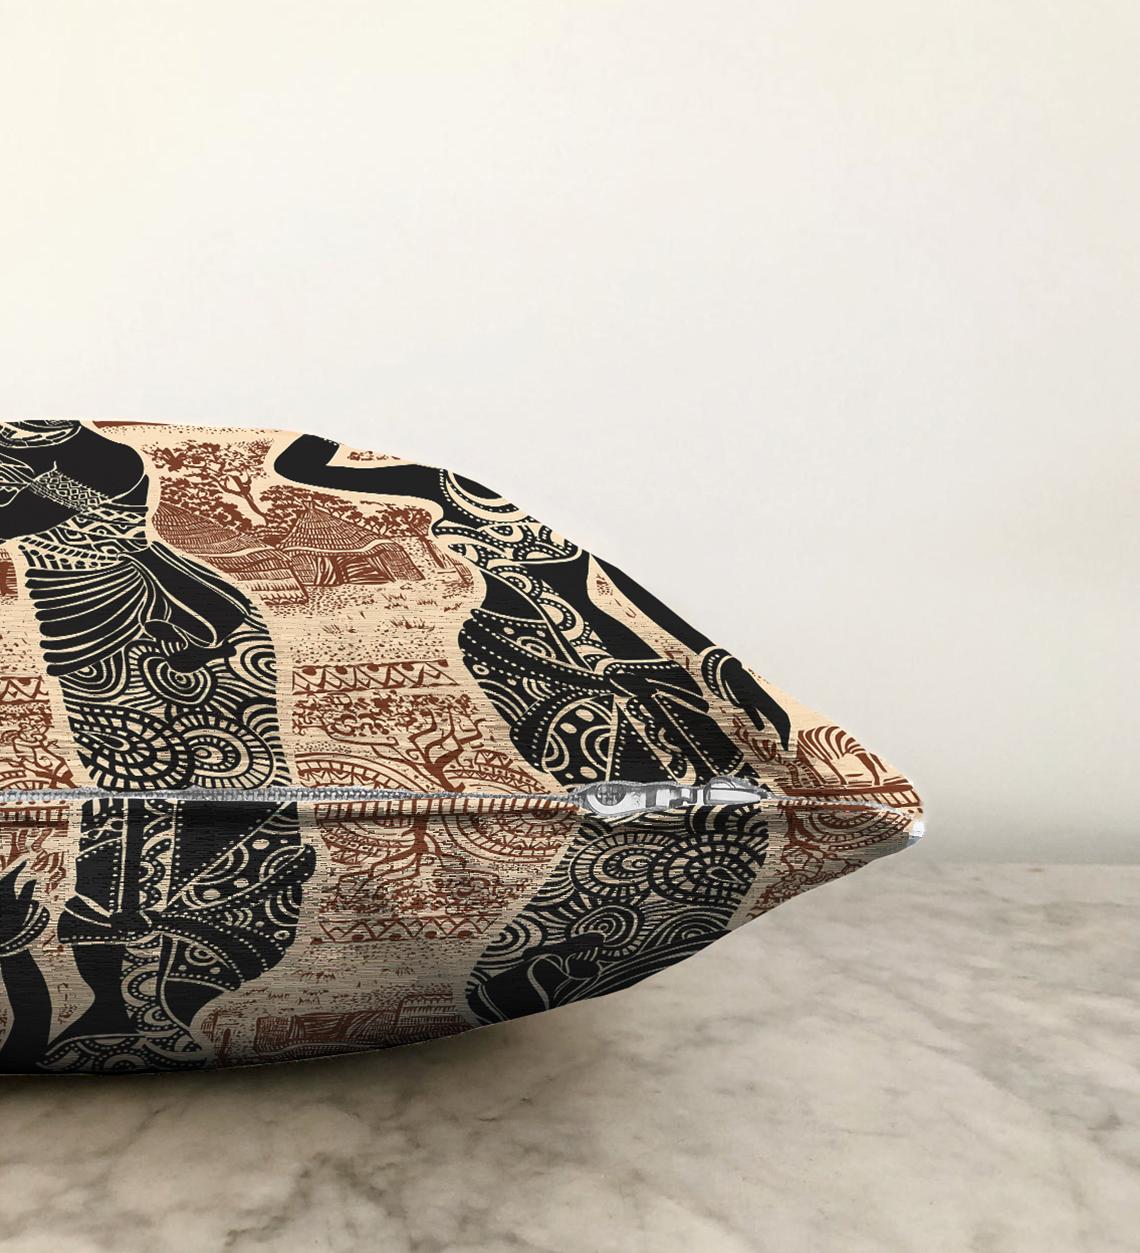 Çift Taraflı Etnik Desen Zeminli Afrika Kadın Motifli Dekoratif Şönil Yastık Kılıfı - 55 x 55 cm Realhomes